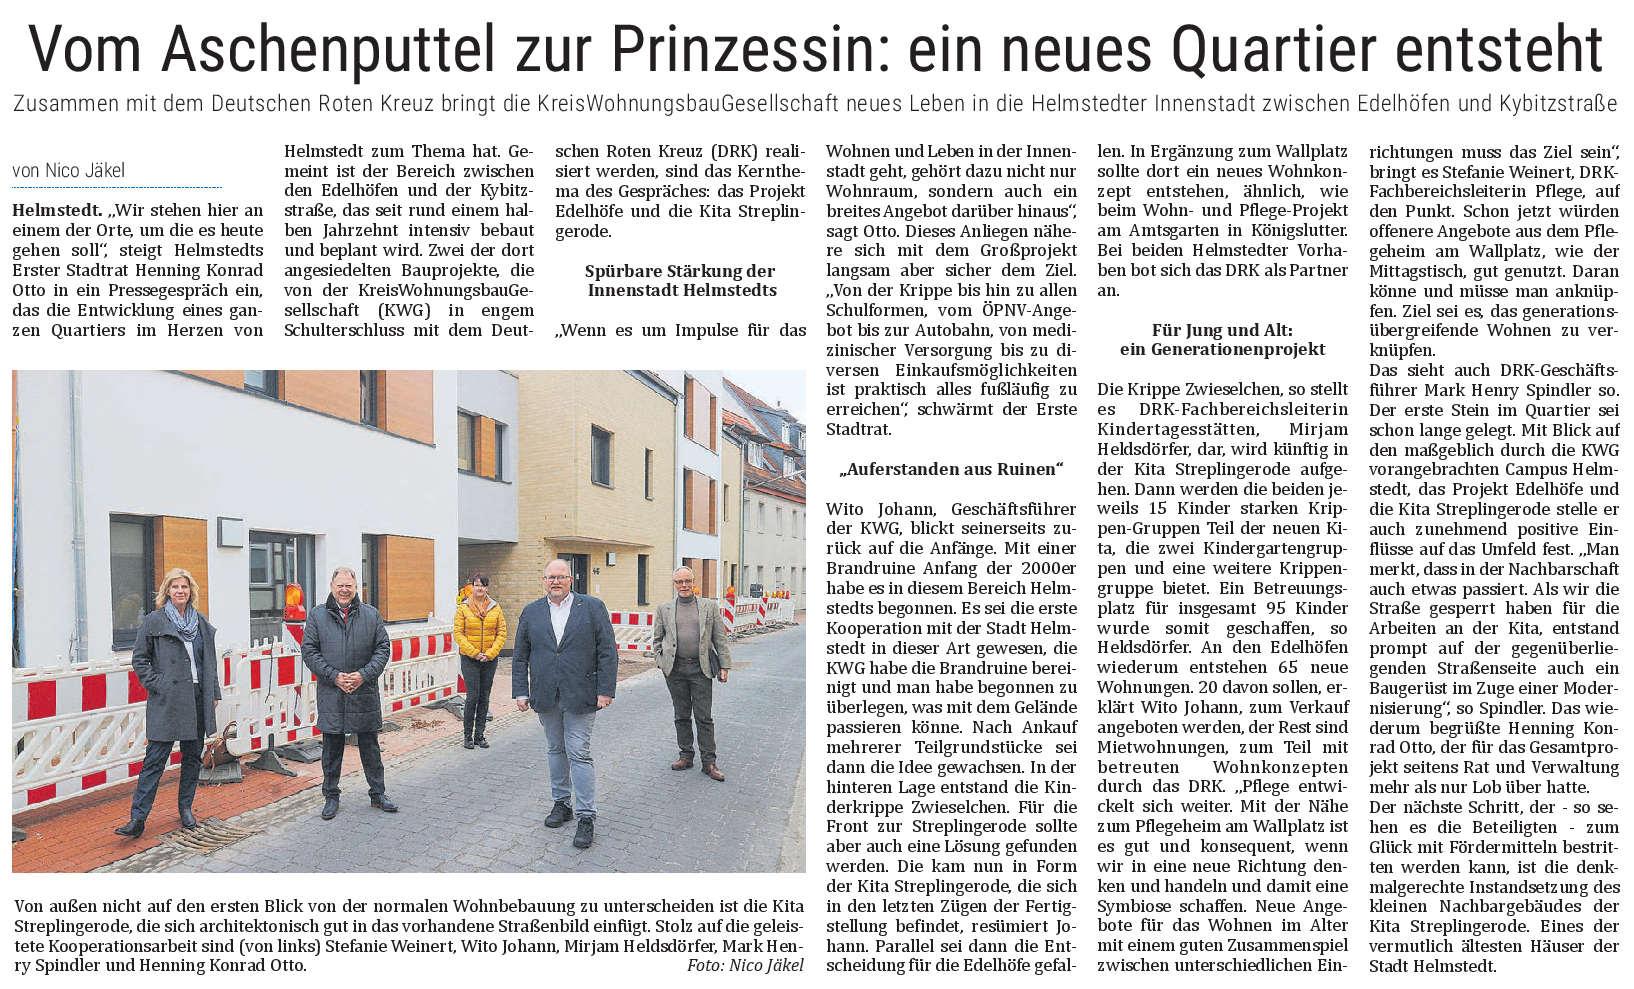 https://www.kwg-helmstedt.de/media/2021_03_21_Helmstedter_Sonntag__Edelhöfe.jpg